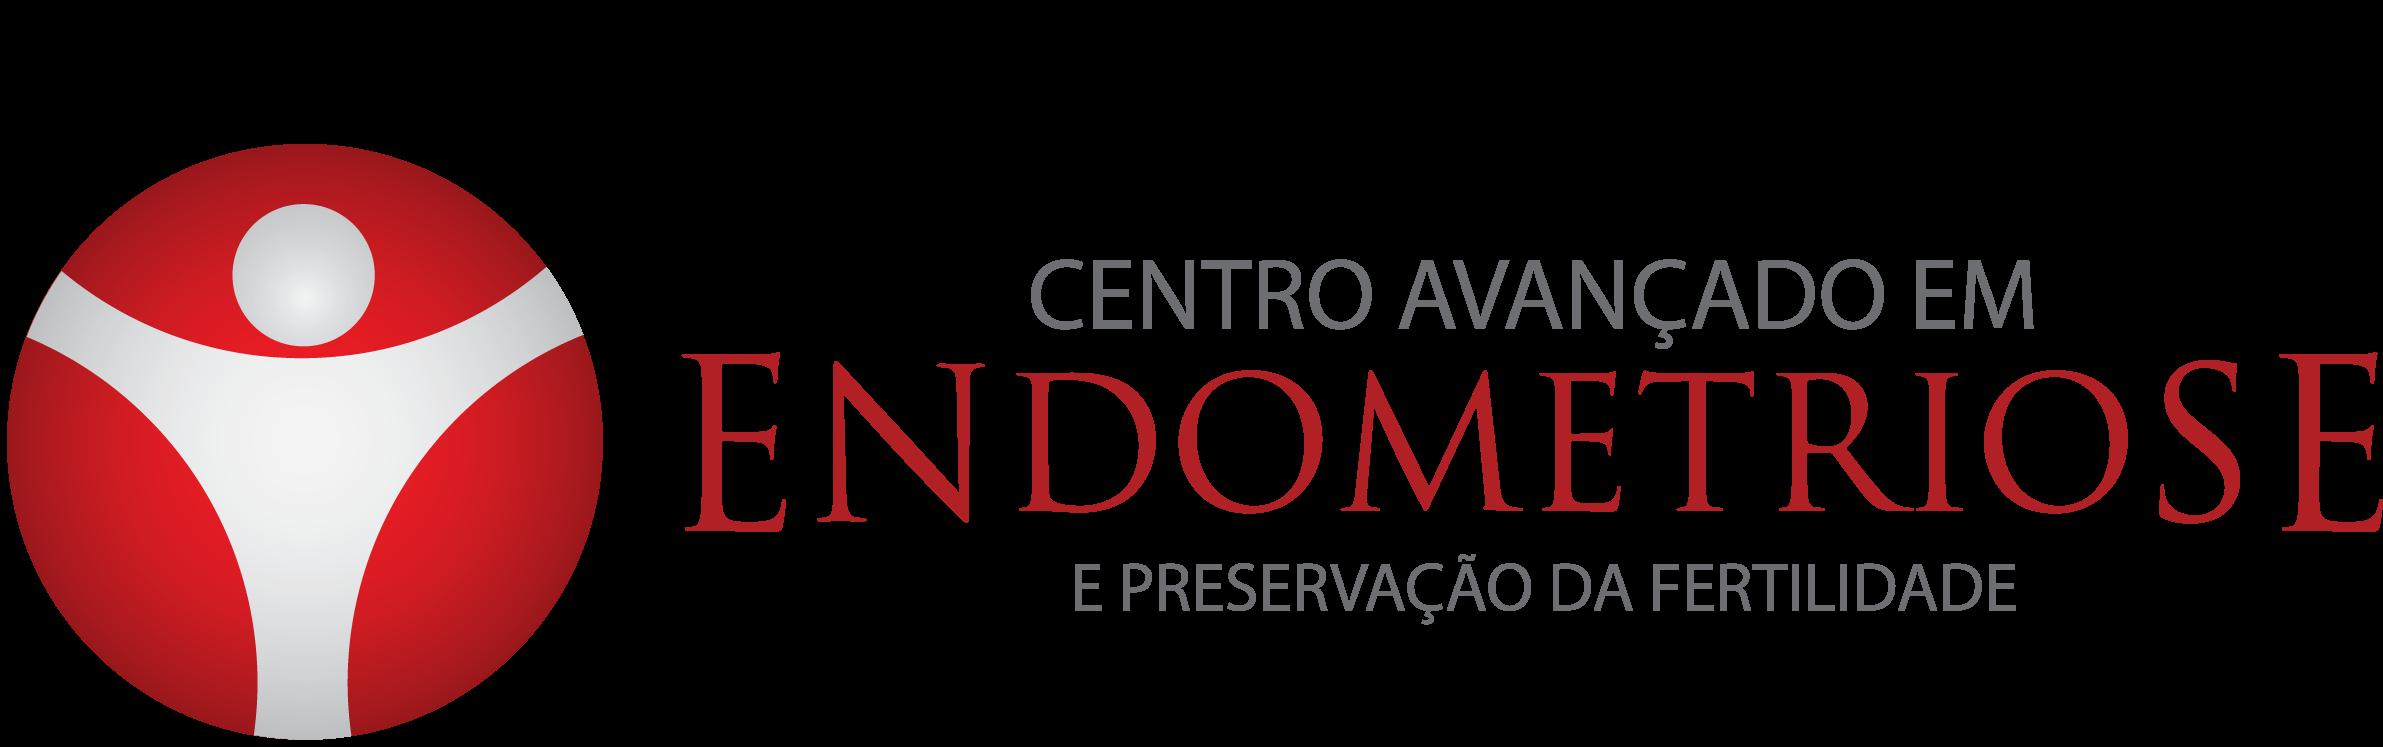 Centro Avançado em Endometriose